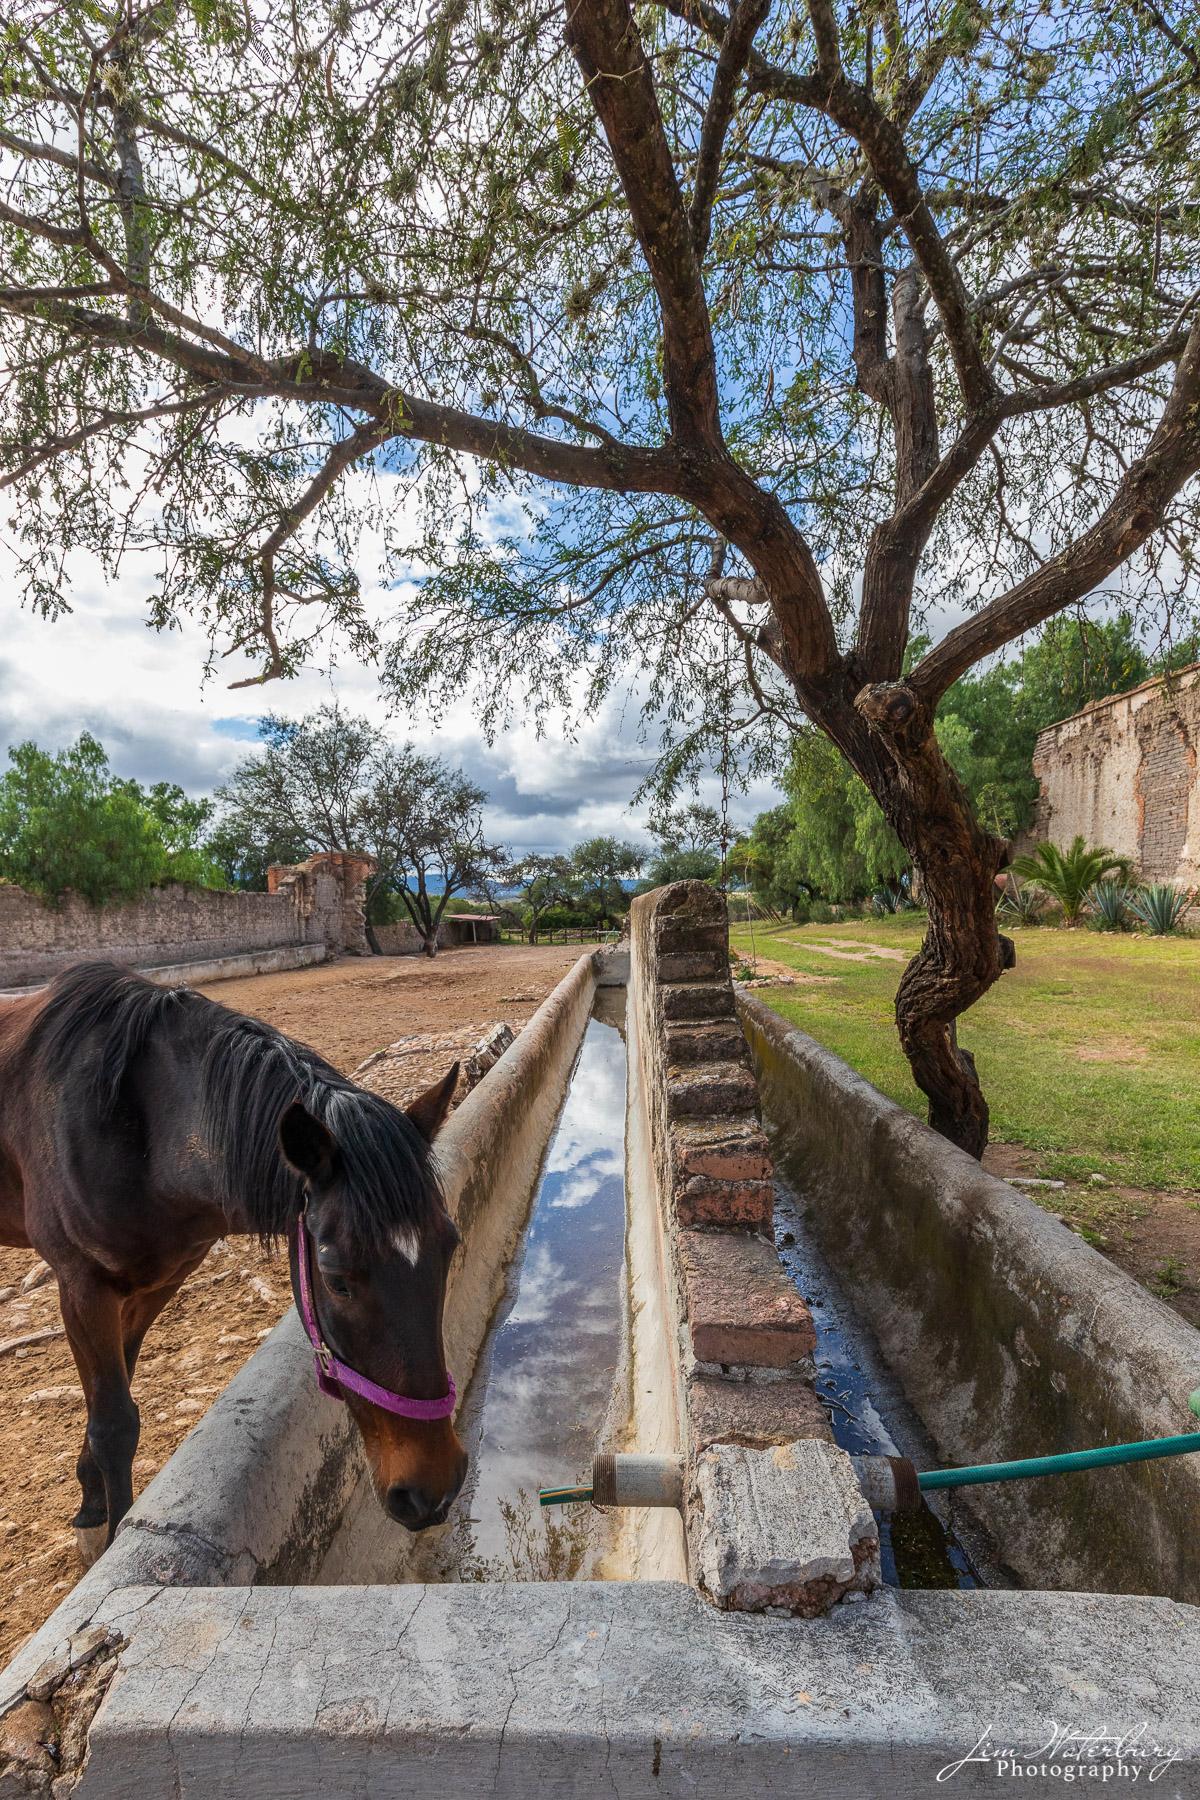 Mexico, North America, San Miguel de Allende, photo